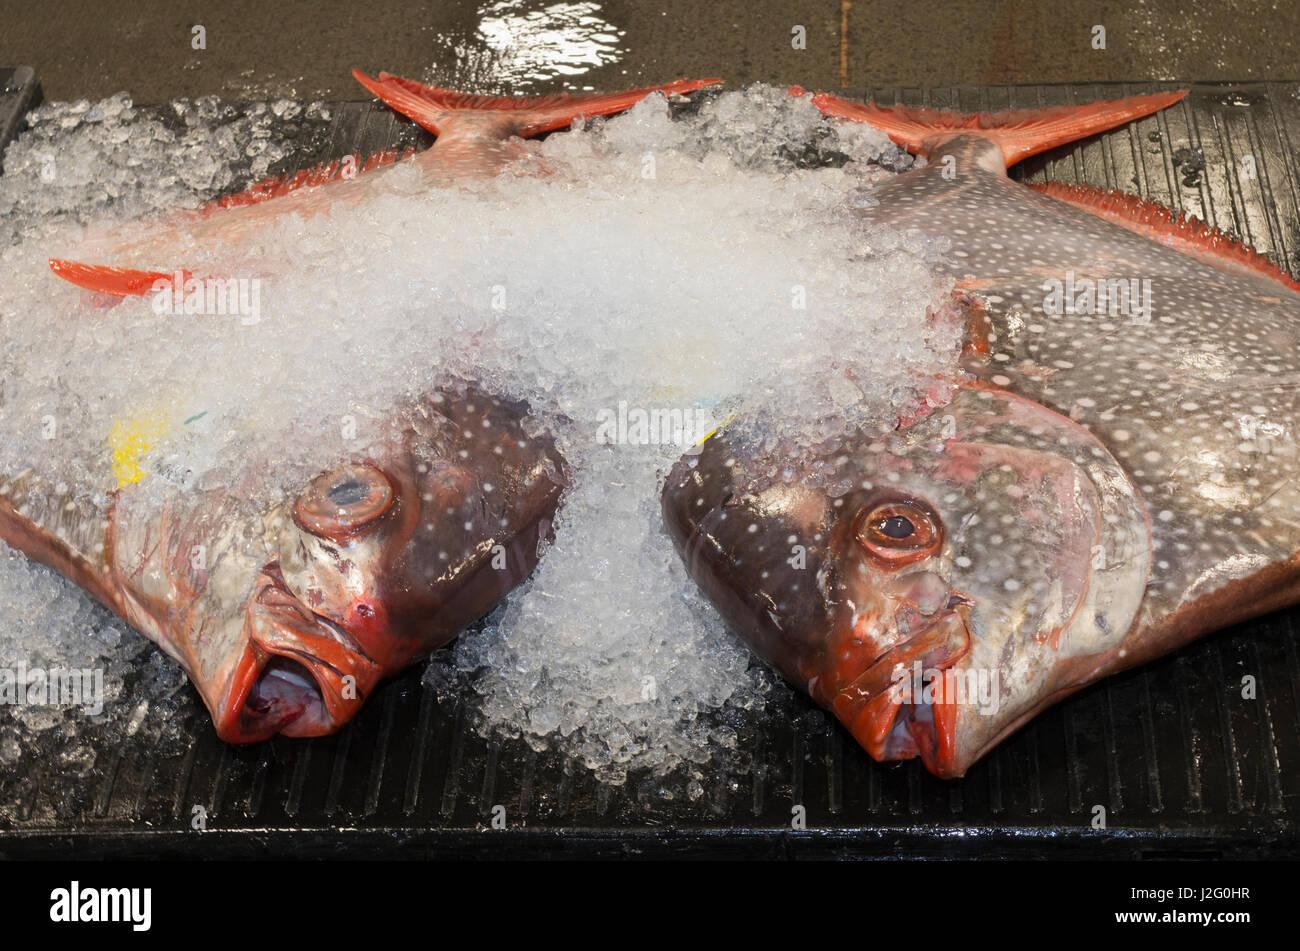 USA, Hawaii, Oahu, Honolulu. Opah oder Moonfish bei Honolulu Fischauktion, einzige kommerzielle frischer Thunfisch Auktion in USA. Stockfoto